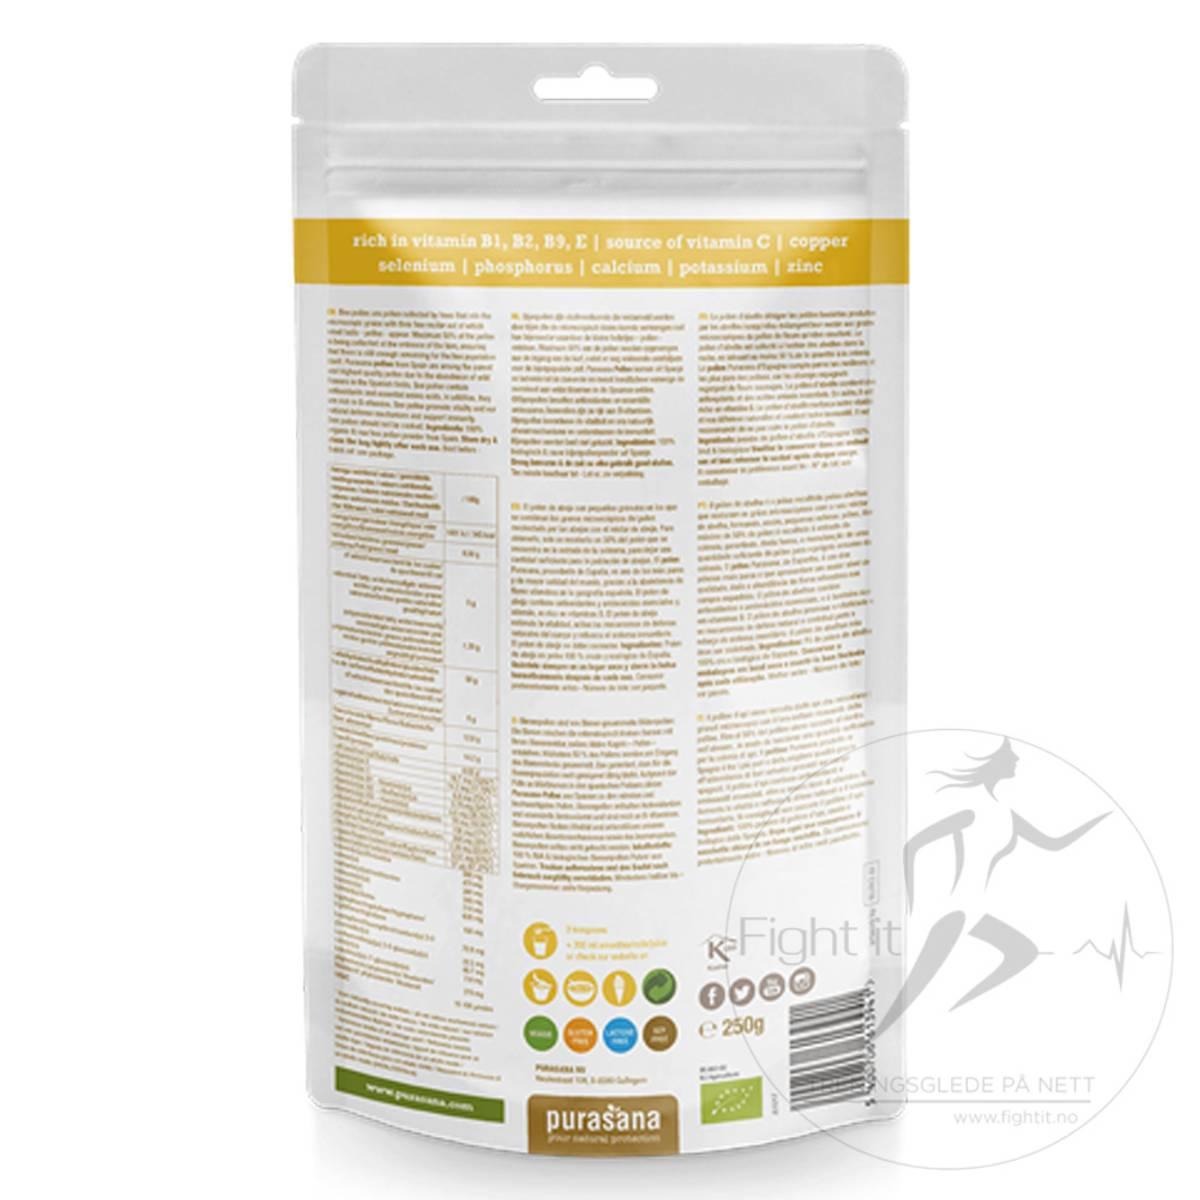 Purasana - Beepollen Raw Powder 250g